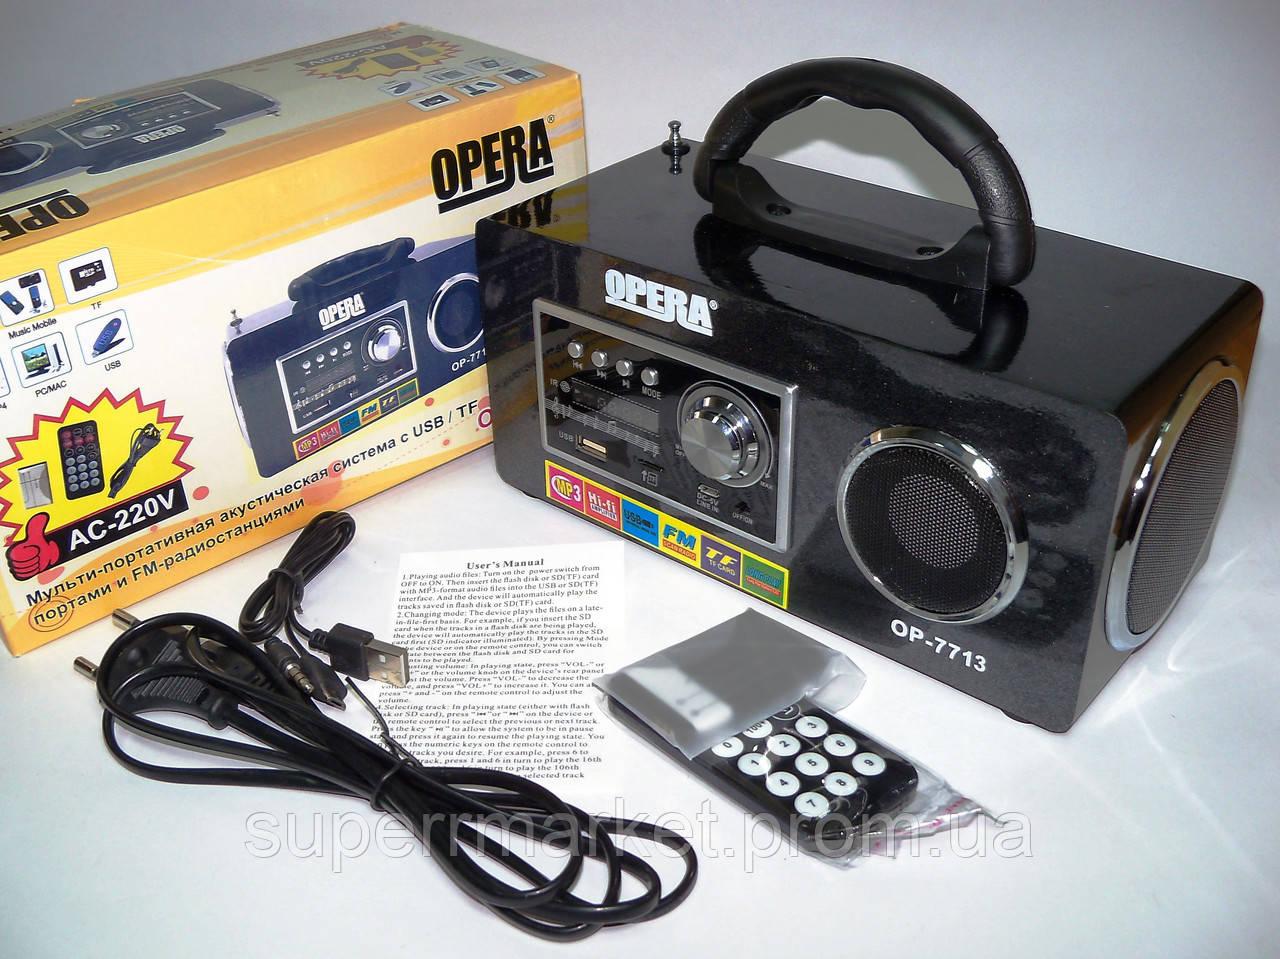 Акустика 6W Opera OP-7713 USB 220V, MP3 SD USB FM